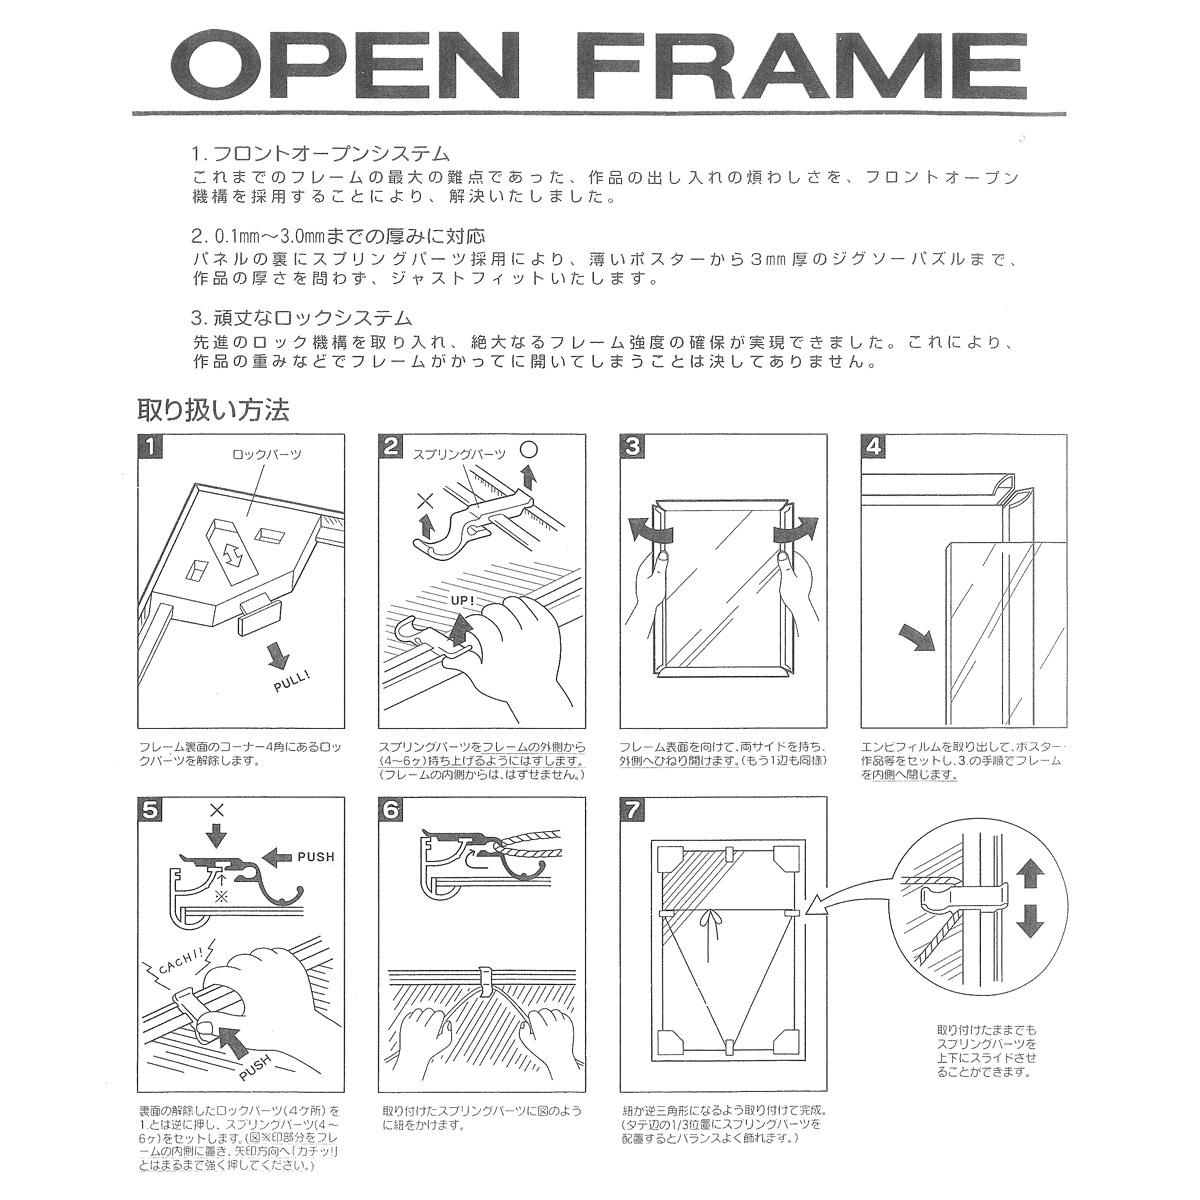 アルミフレーム・アルミパネル/オープンフレーム A3サイズ(297×420mm)